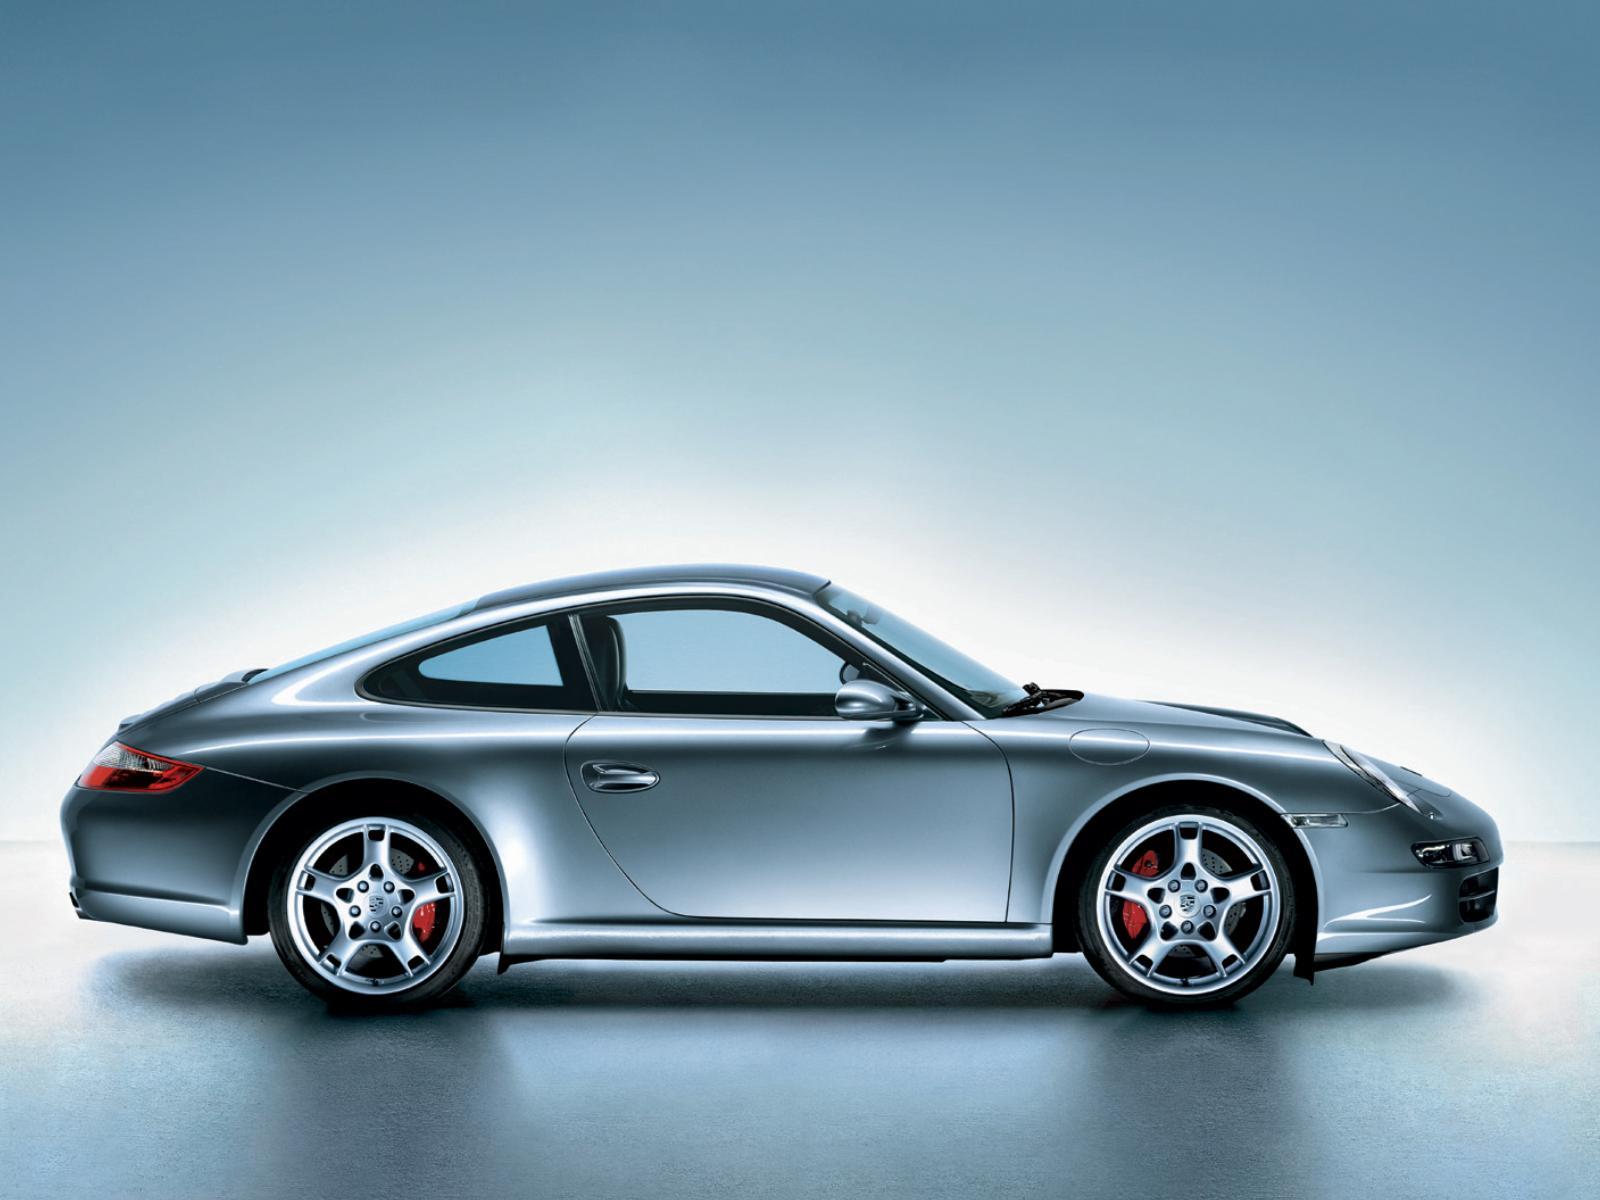 Porsche 997 911 Carrera S Picture 15446 Porsche Photo